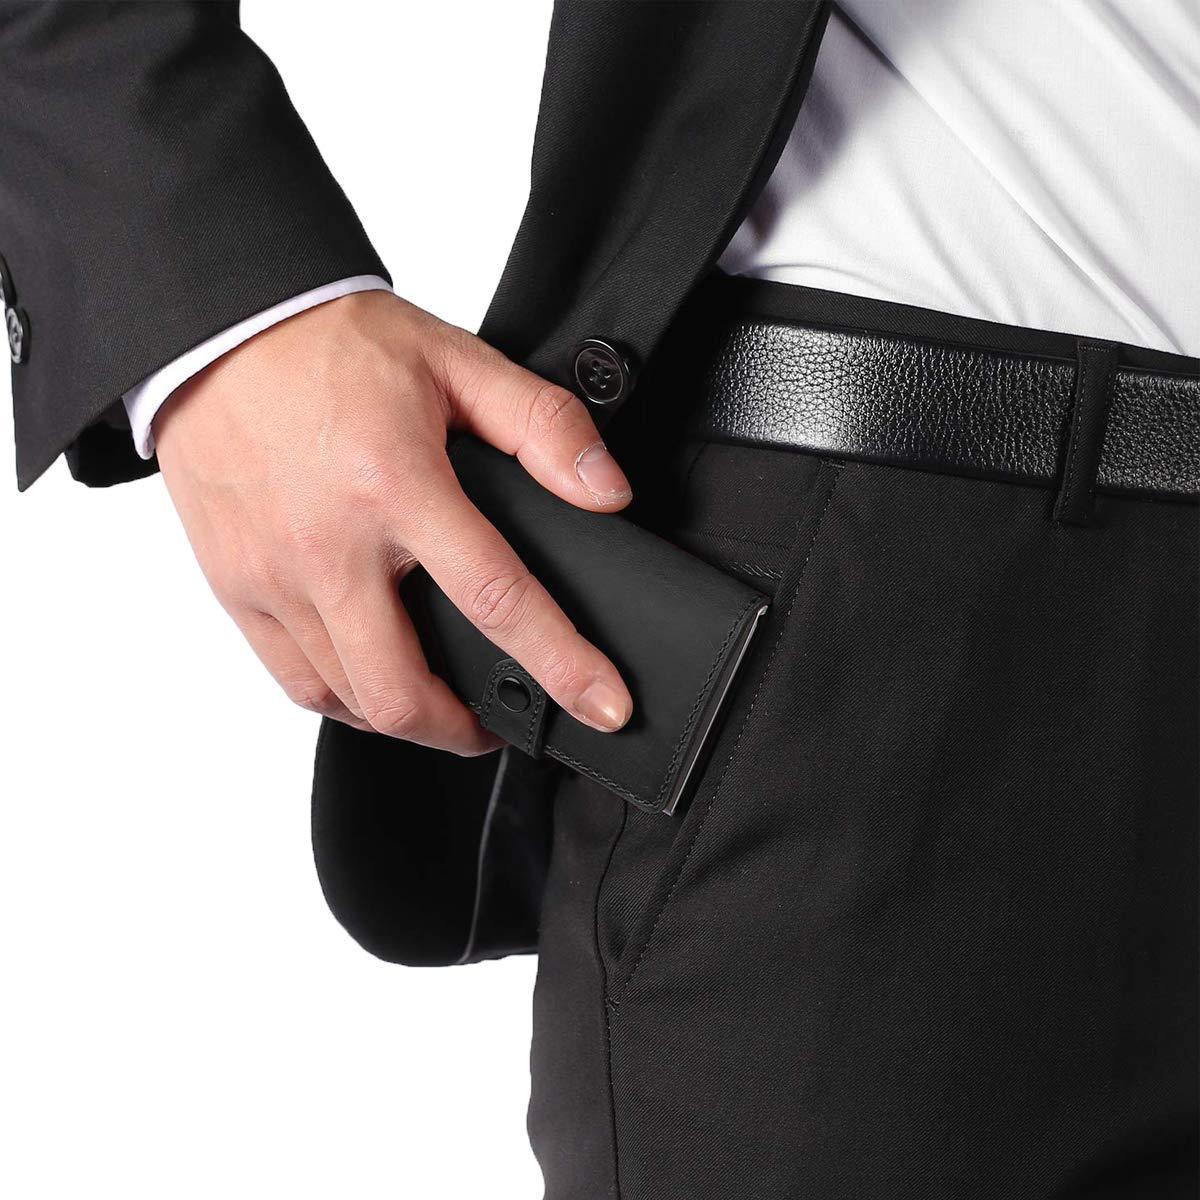 porta carte con fermasoldi Anti-RFID e NFC 2 valigie antifurto in Pelle Crazy Horse e alluminio Porta carte di credito 8 cartes per uomini e donne Nero BOJLY Porta carte di credito